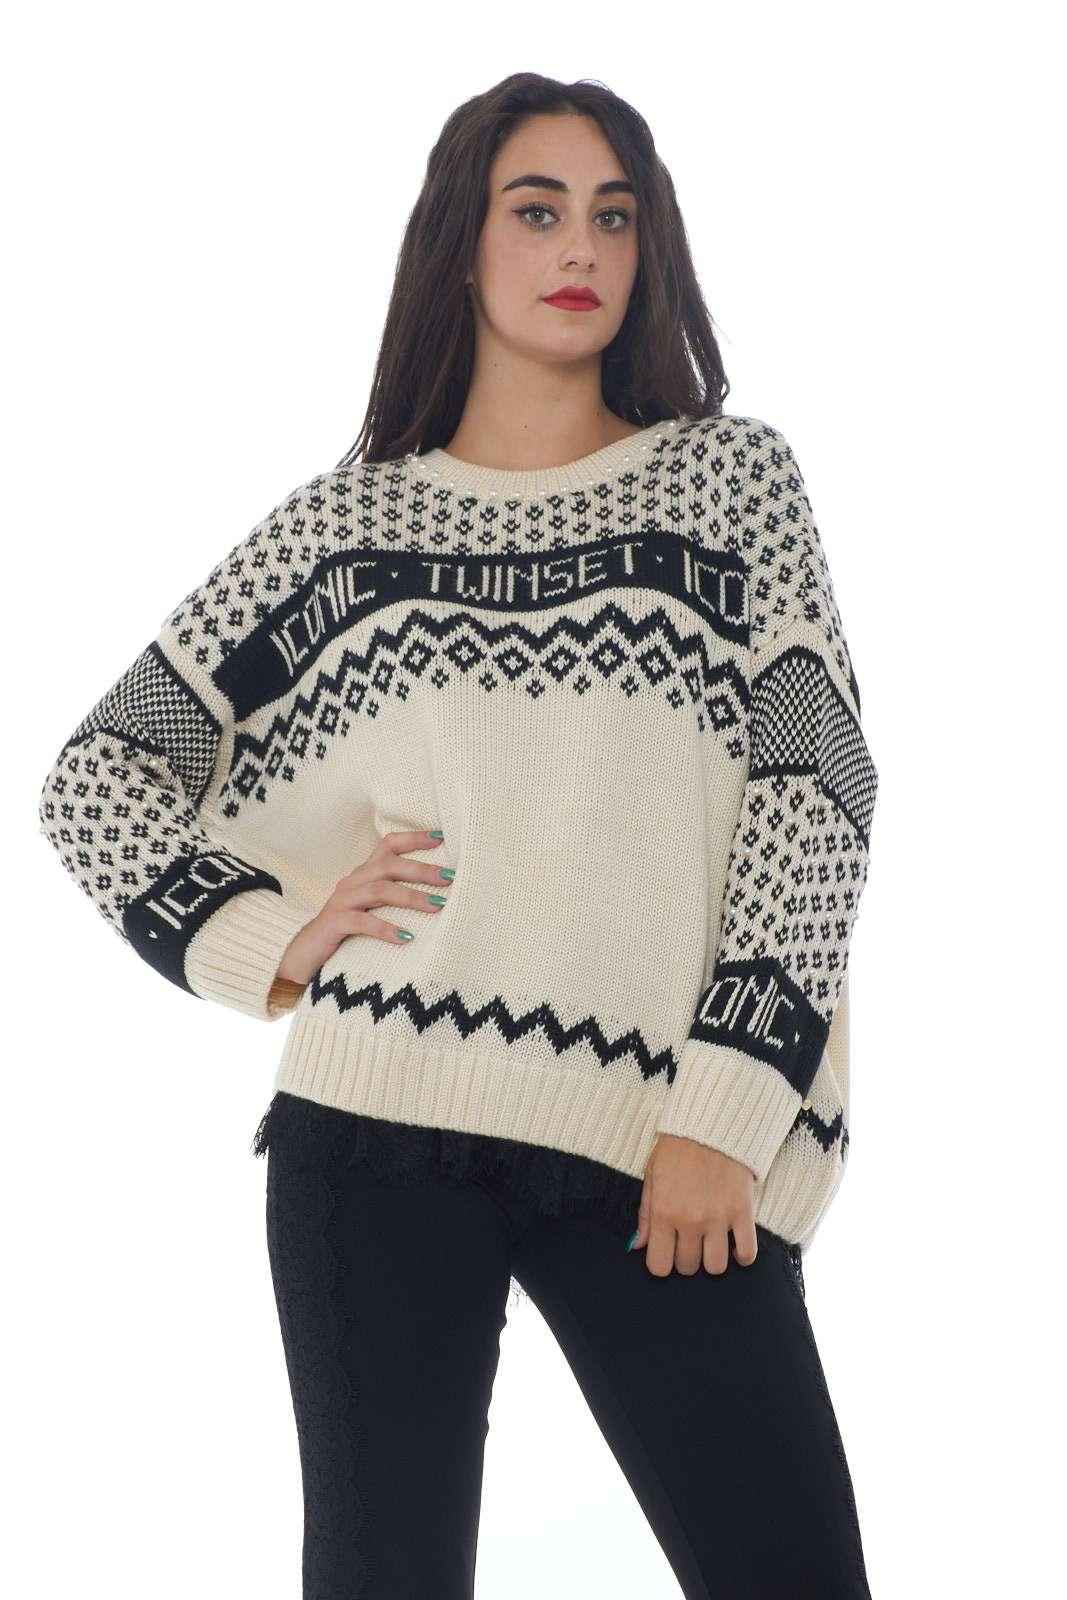 https://www.parmax.com/media/catalog/product/a/i/AI-outlet_parmax-maglia-donna-Twin-Set-192TP332E-A.jpg